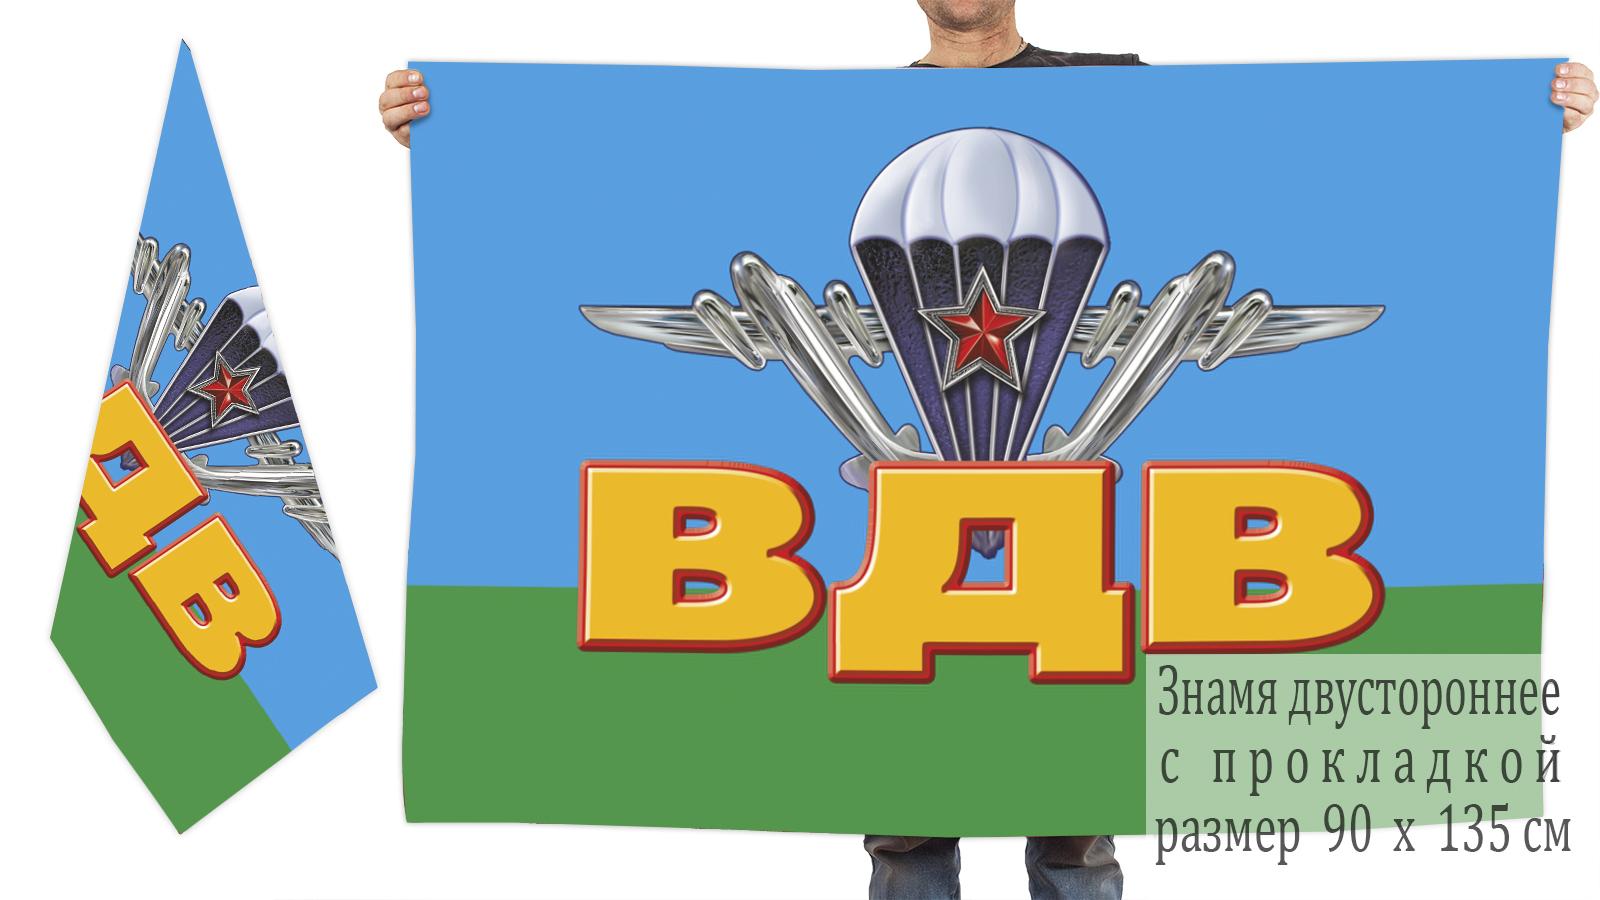 Двусторонний флаг ВДВ с металлической эмблемой